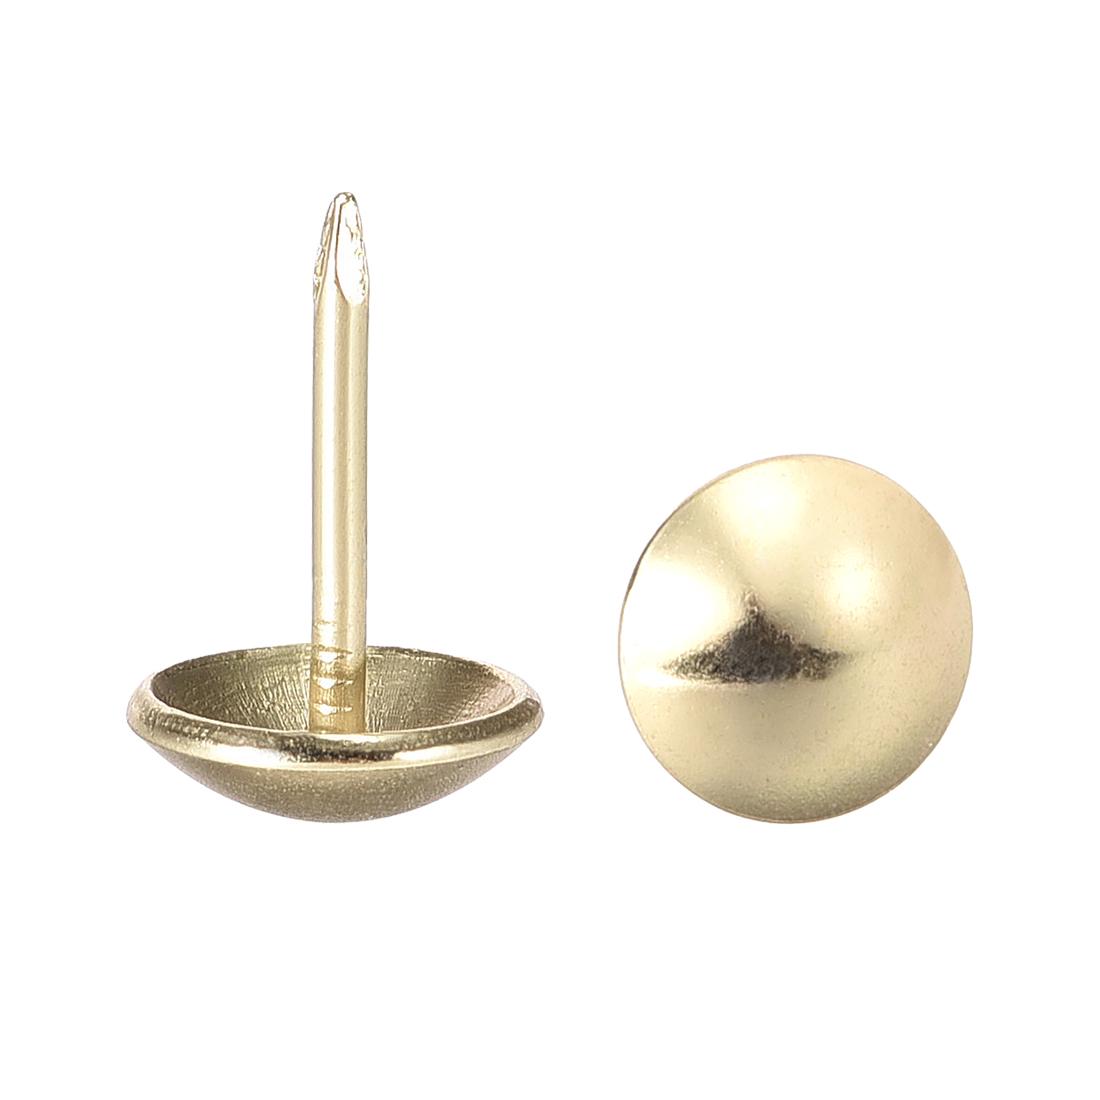 Upholstery Nails Tacks 11mm Dia 17mm Height Round Thumb Pins Gold Tone 50 Pcs